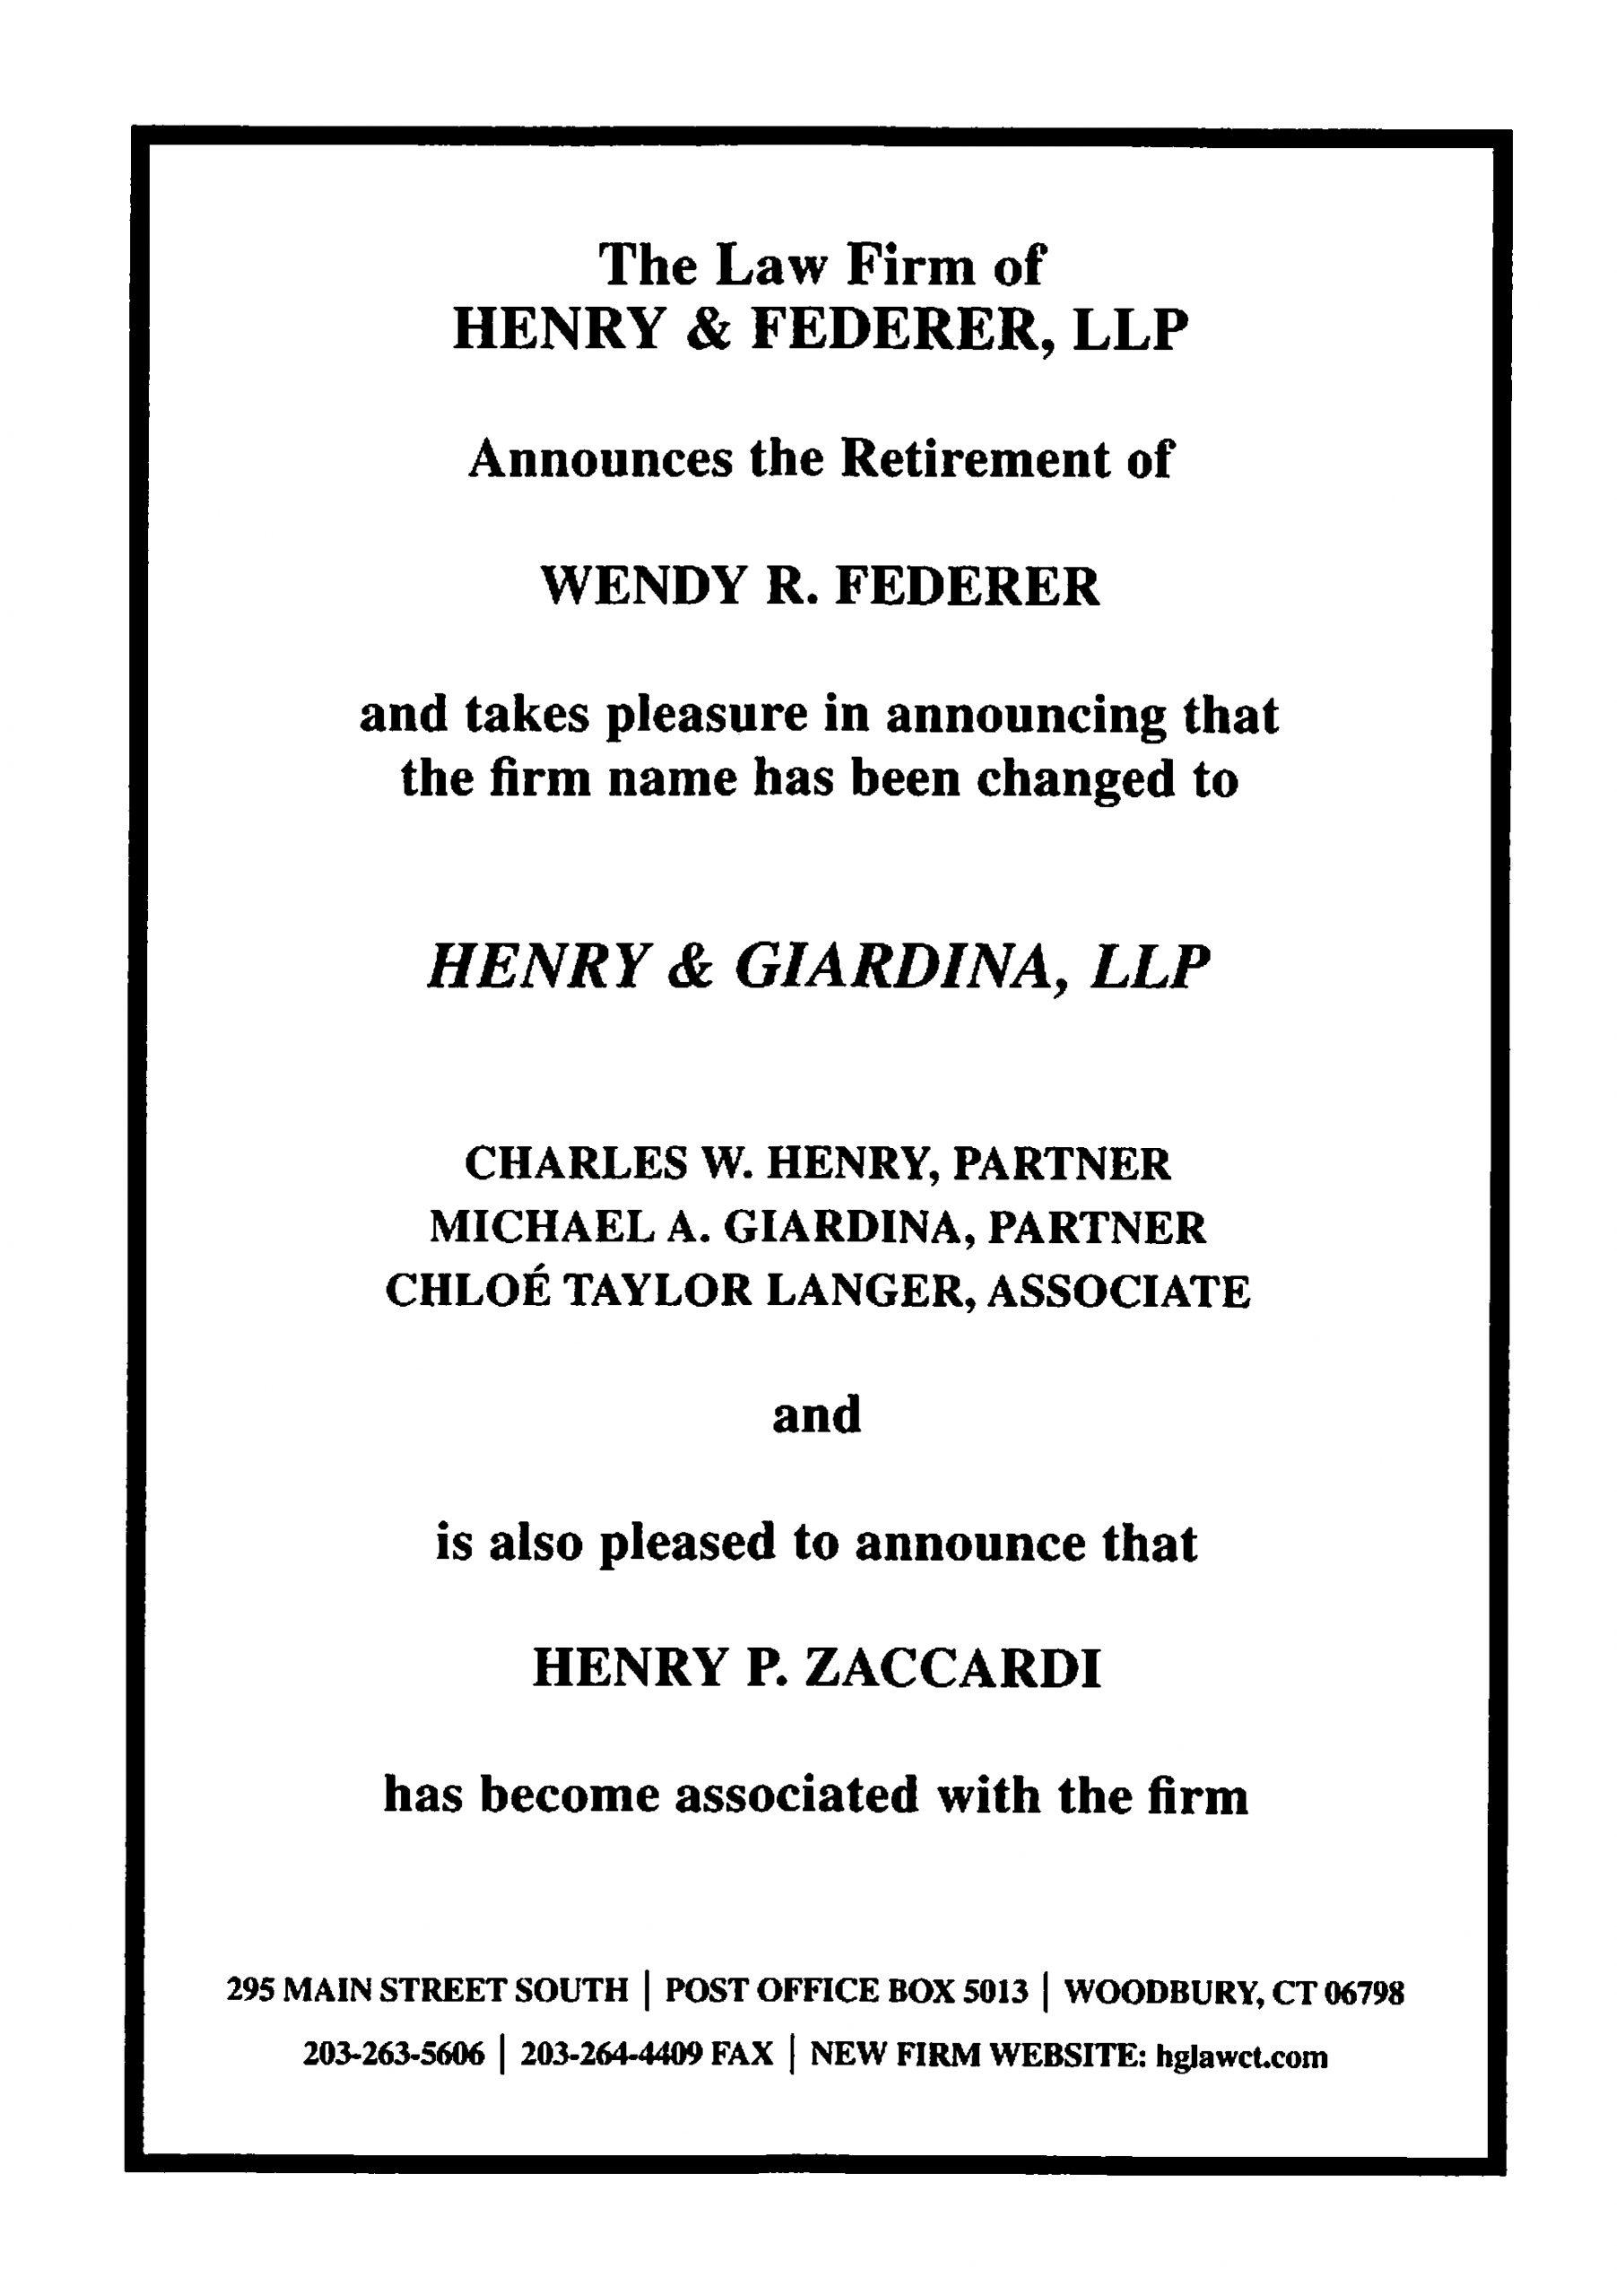 Henry & Federer is now Henry & Giardina